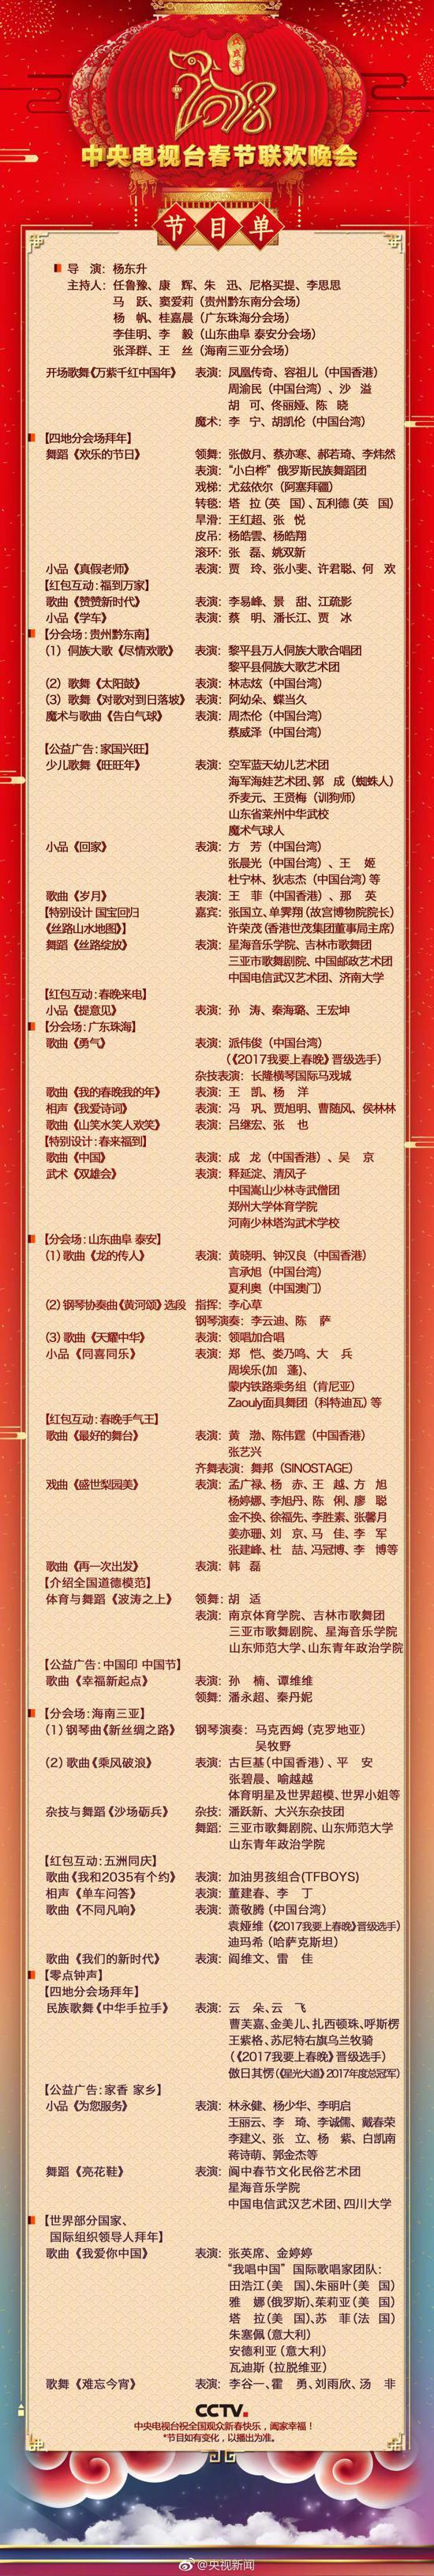 """狗年央视春晚节目单出炉 诙谐段子讲述百姓生活"""""""